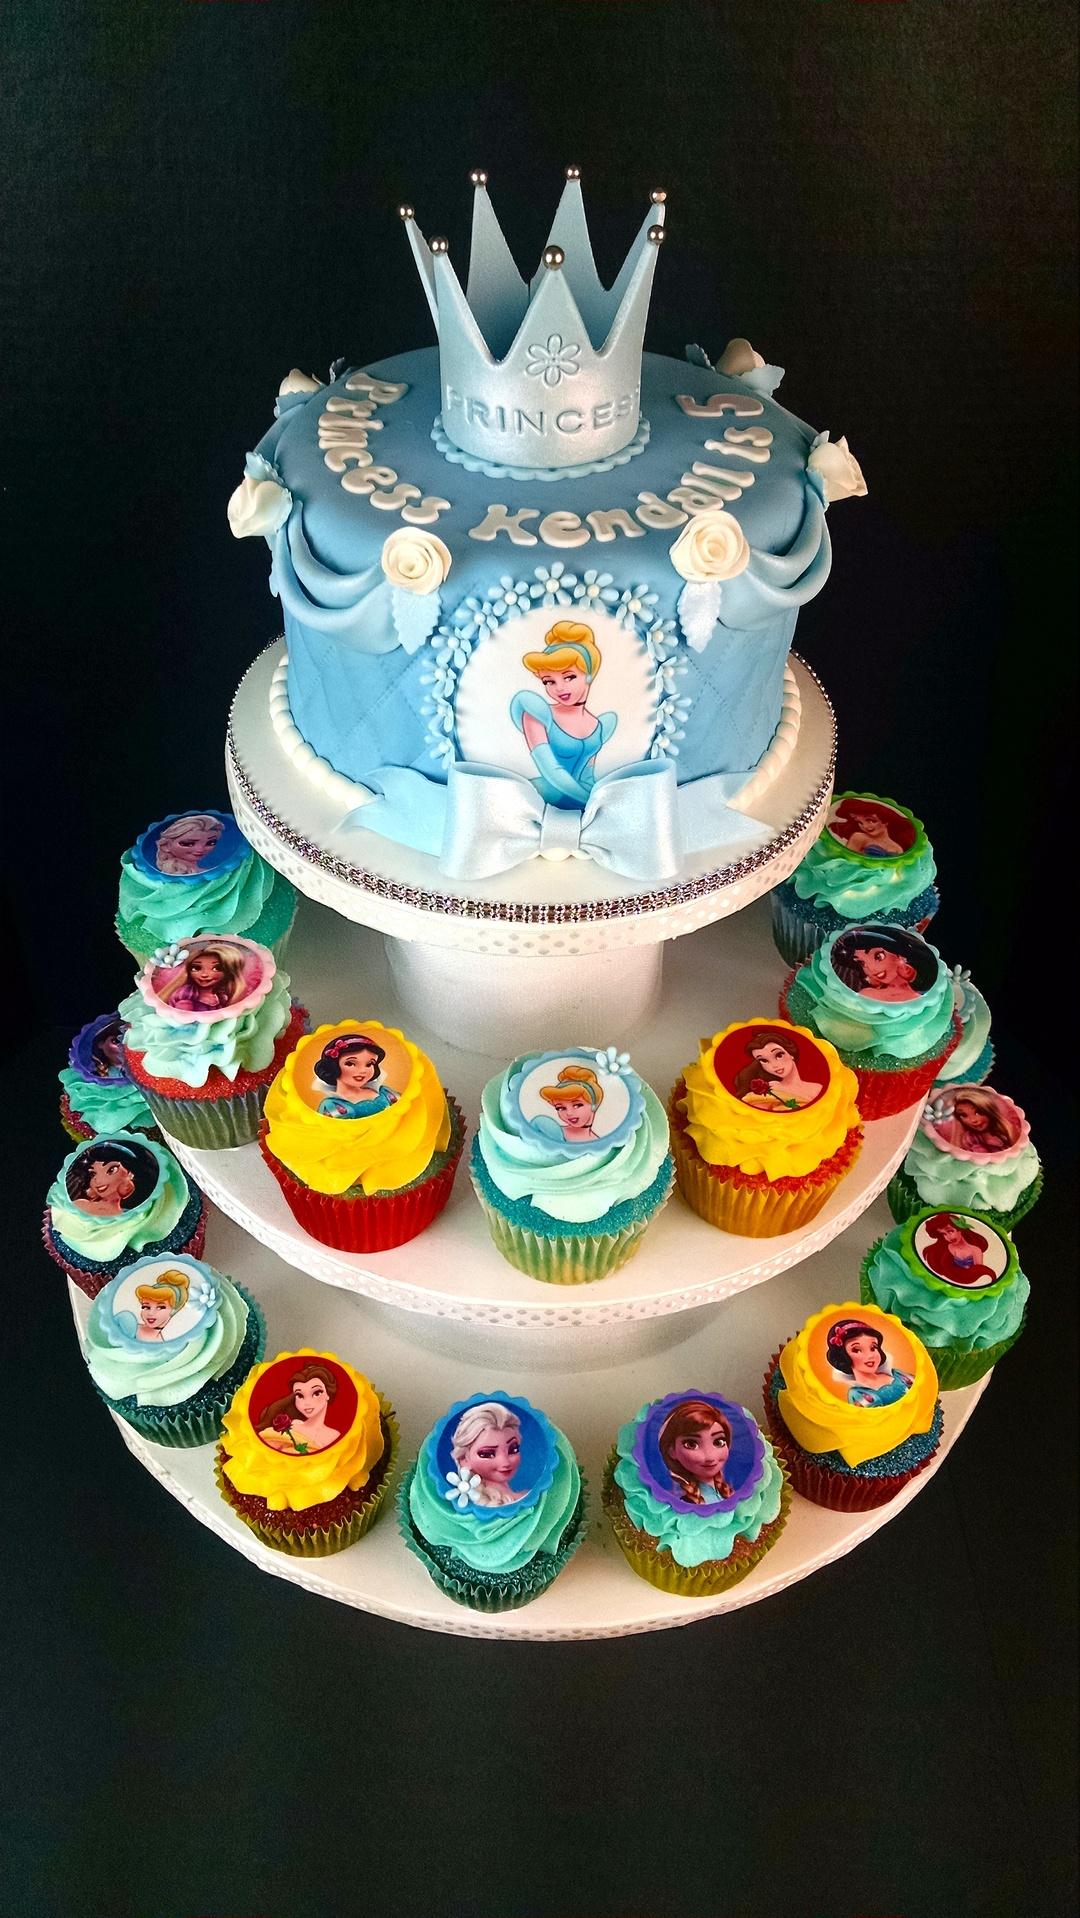 Princess Cake & Cupcakes